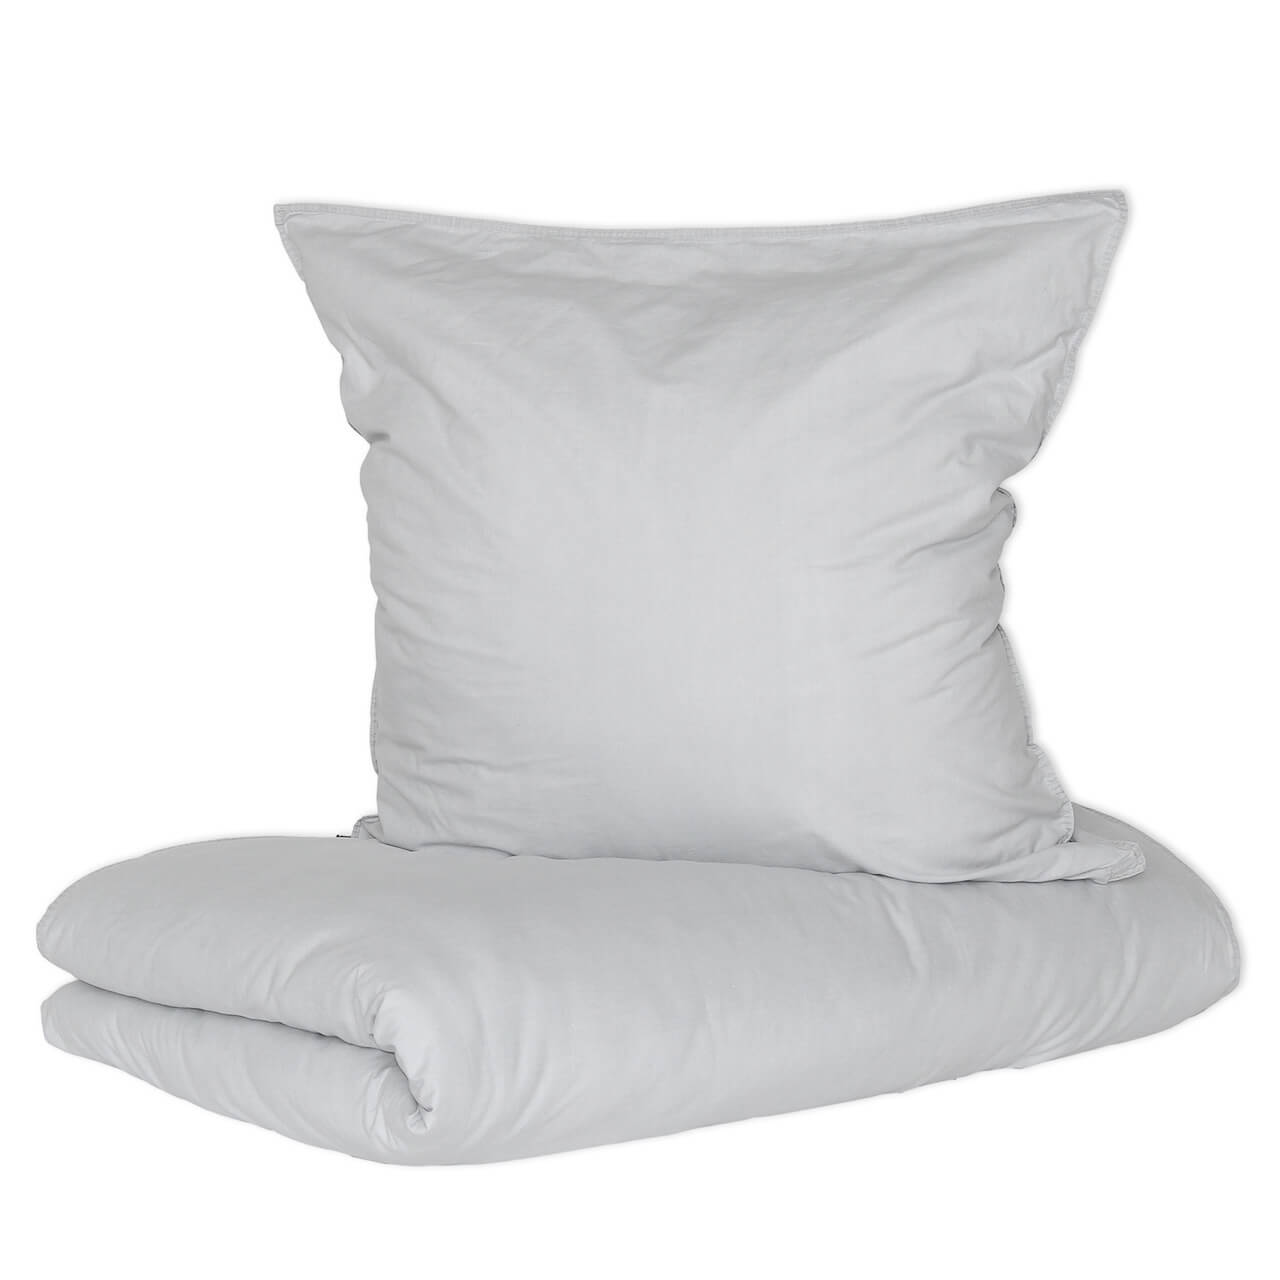 Bettwäsche Vintage Washed Cotton Mit Reißverschluss Grau Homesphere